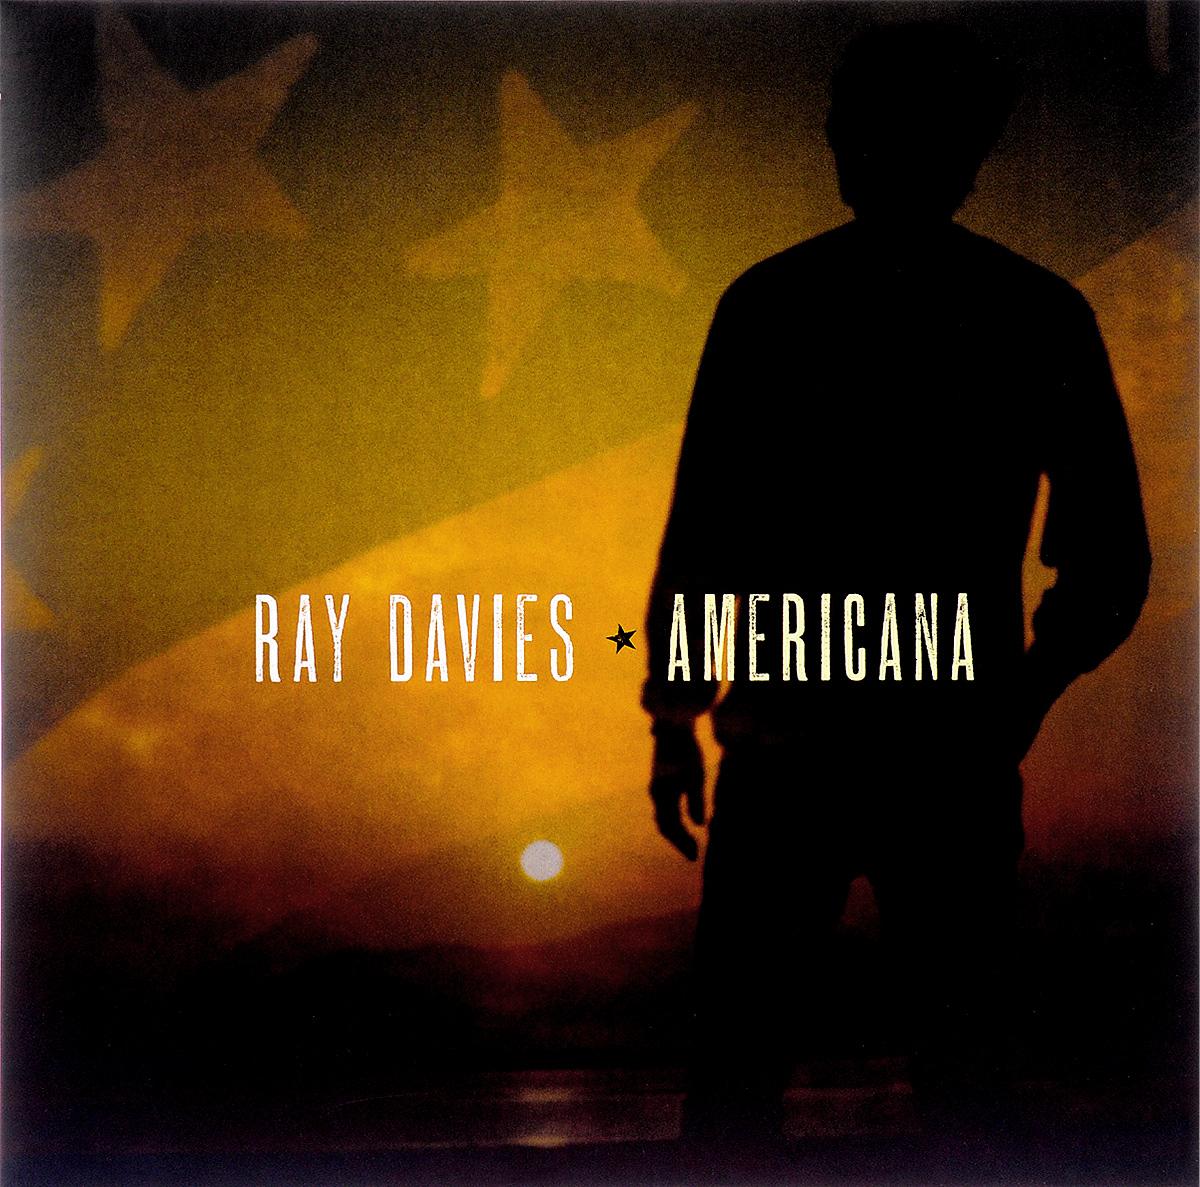 Рэй Дэвис Ray Davies. Americana (2 LP) ray davies ray davies americana 2 lp